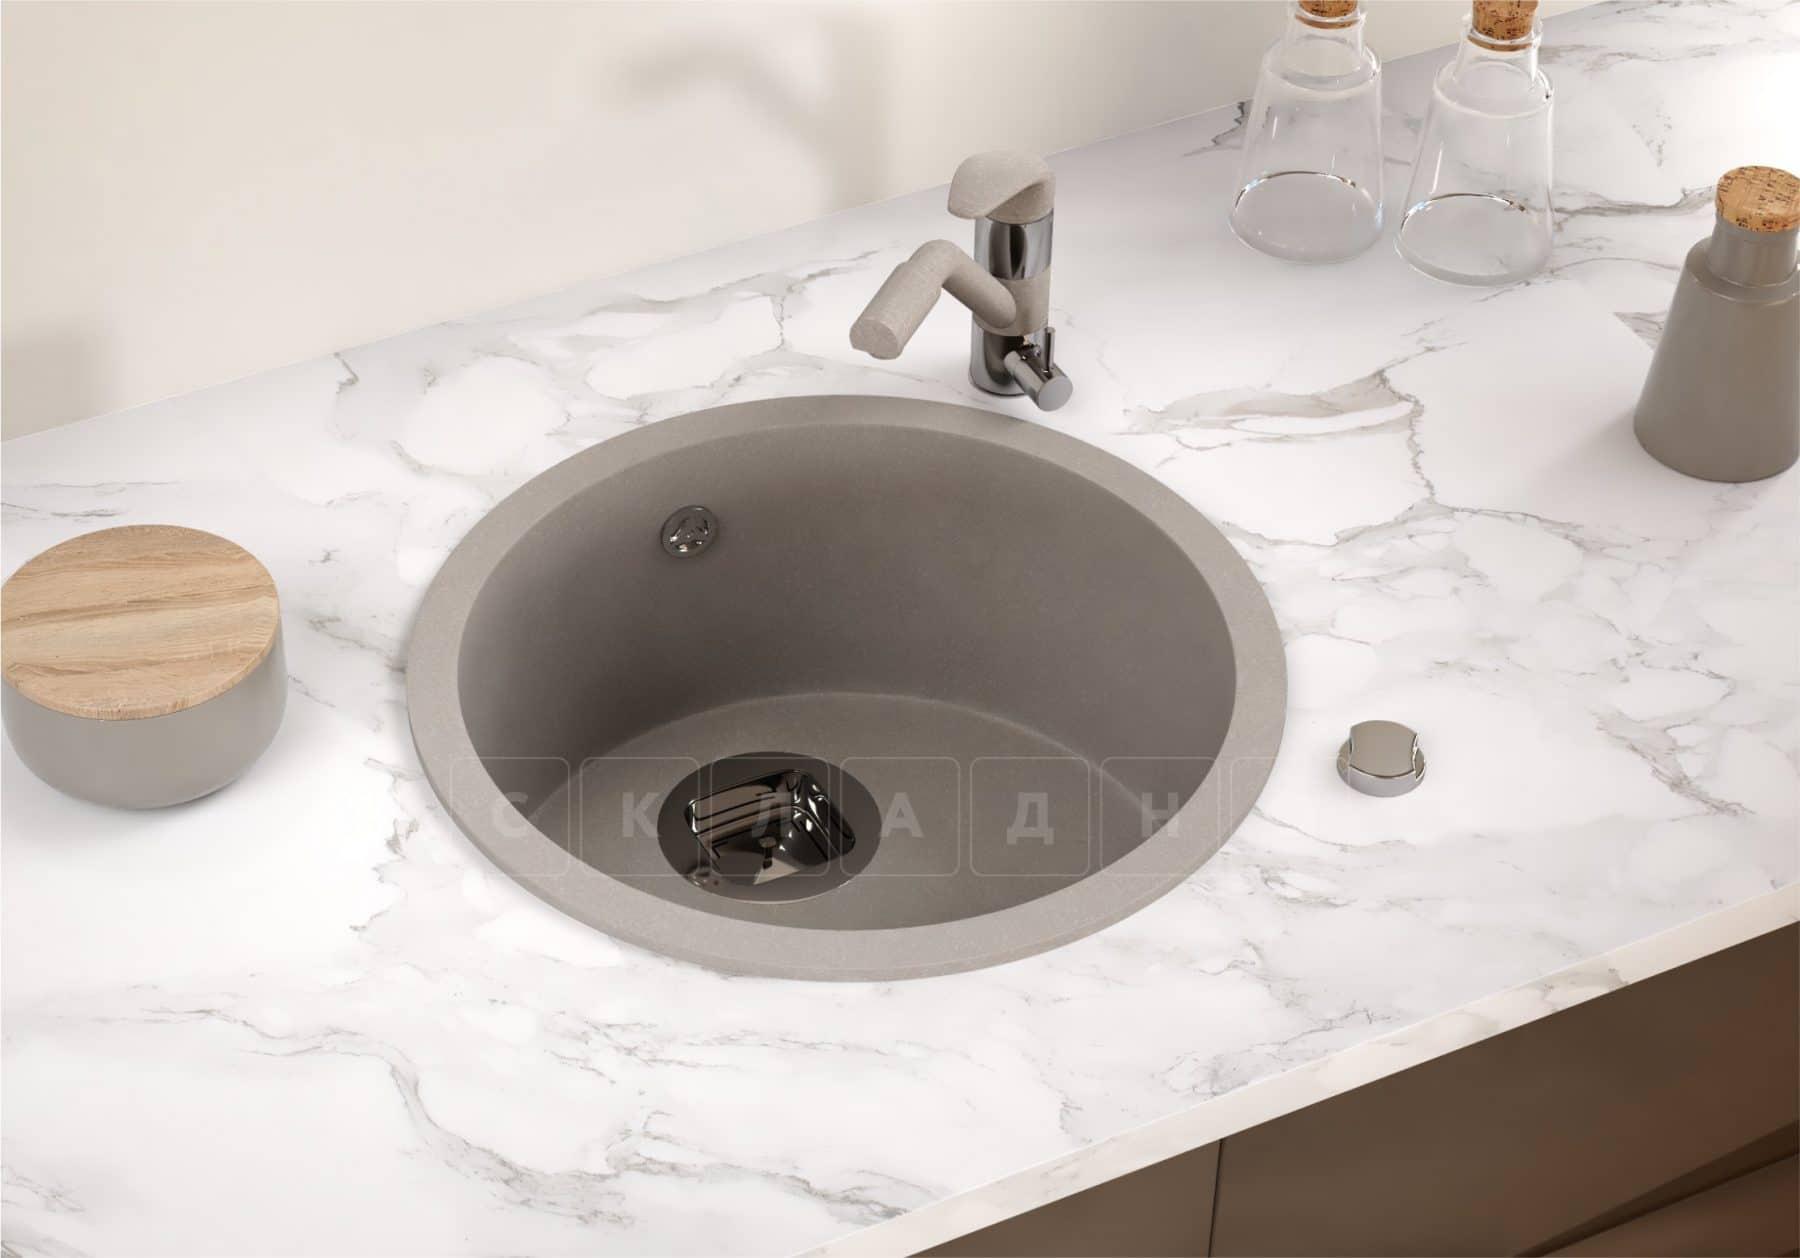 Кухонная мойка TOLERO R-104 кварцевая круглая фото 10 | интернет-магазин Складно